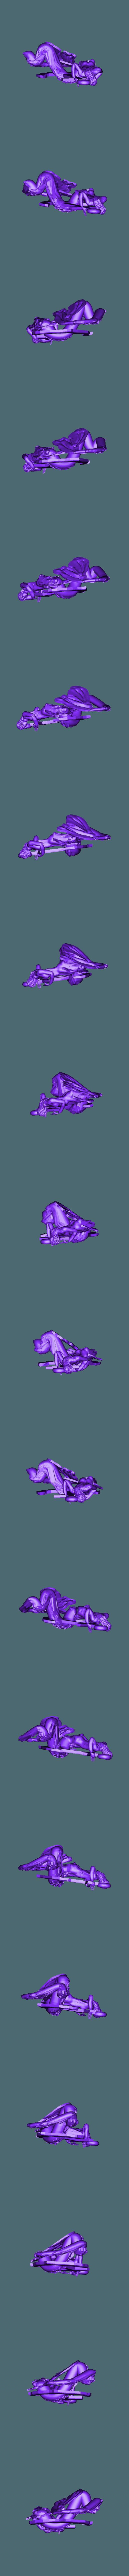 mermaid on a hook 2.stl Télécharger fichier STL Sirène sur une ancre Pendentif pour un collier • Design à imprimer en 3D, swivaller